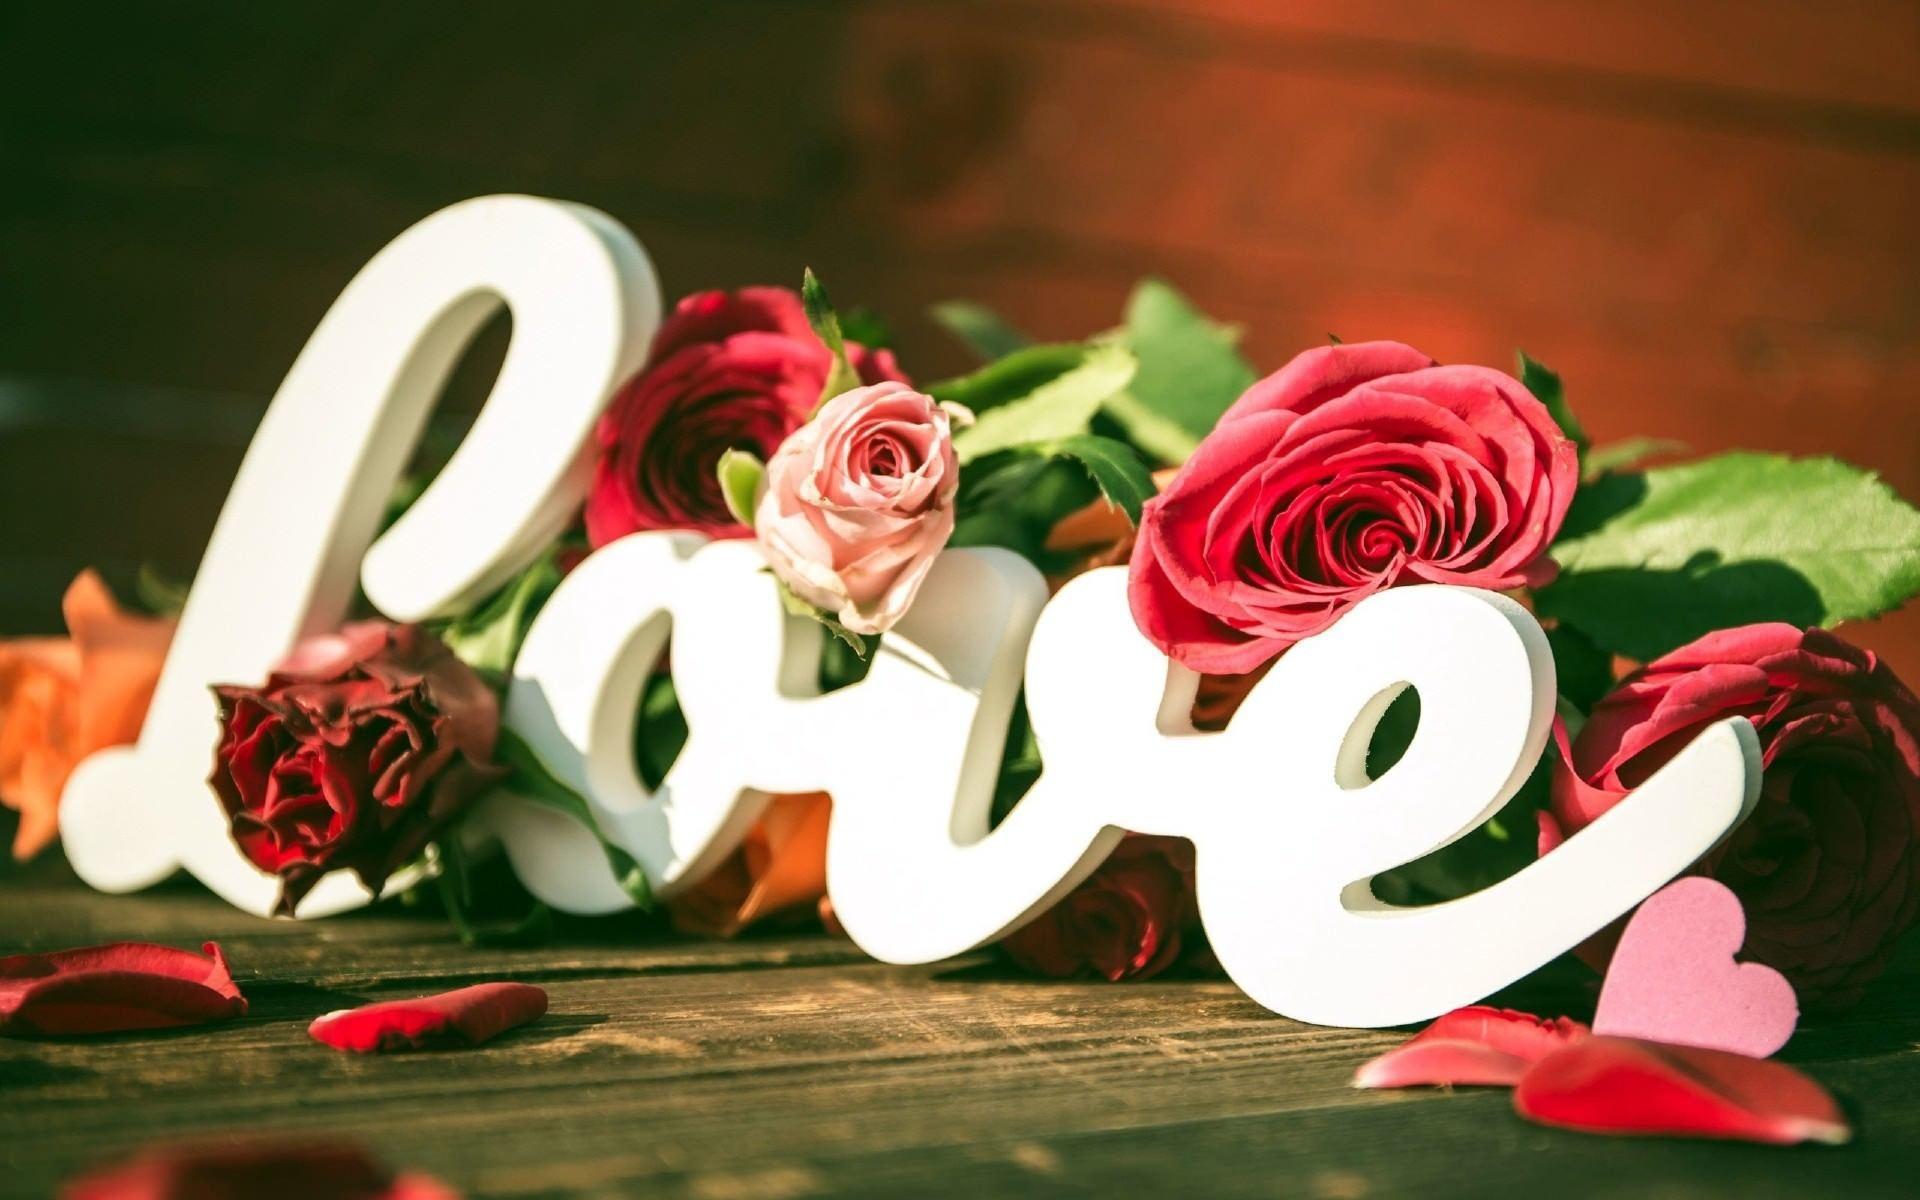 love flower wallpaper ·①